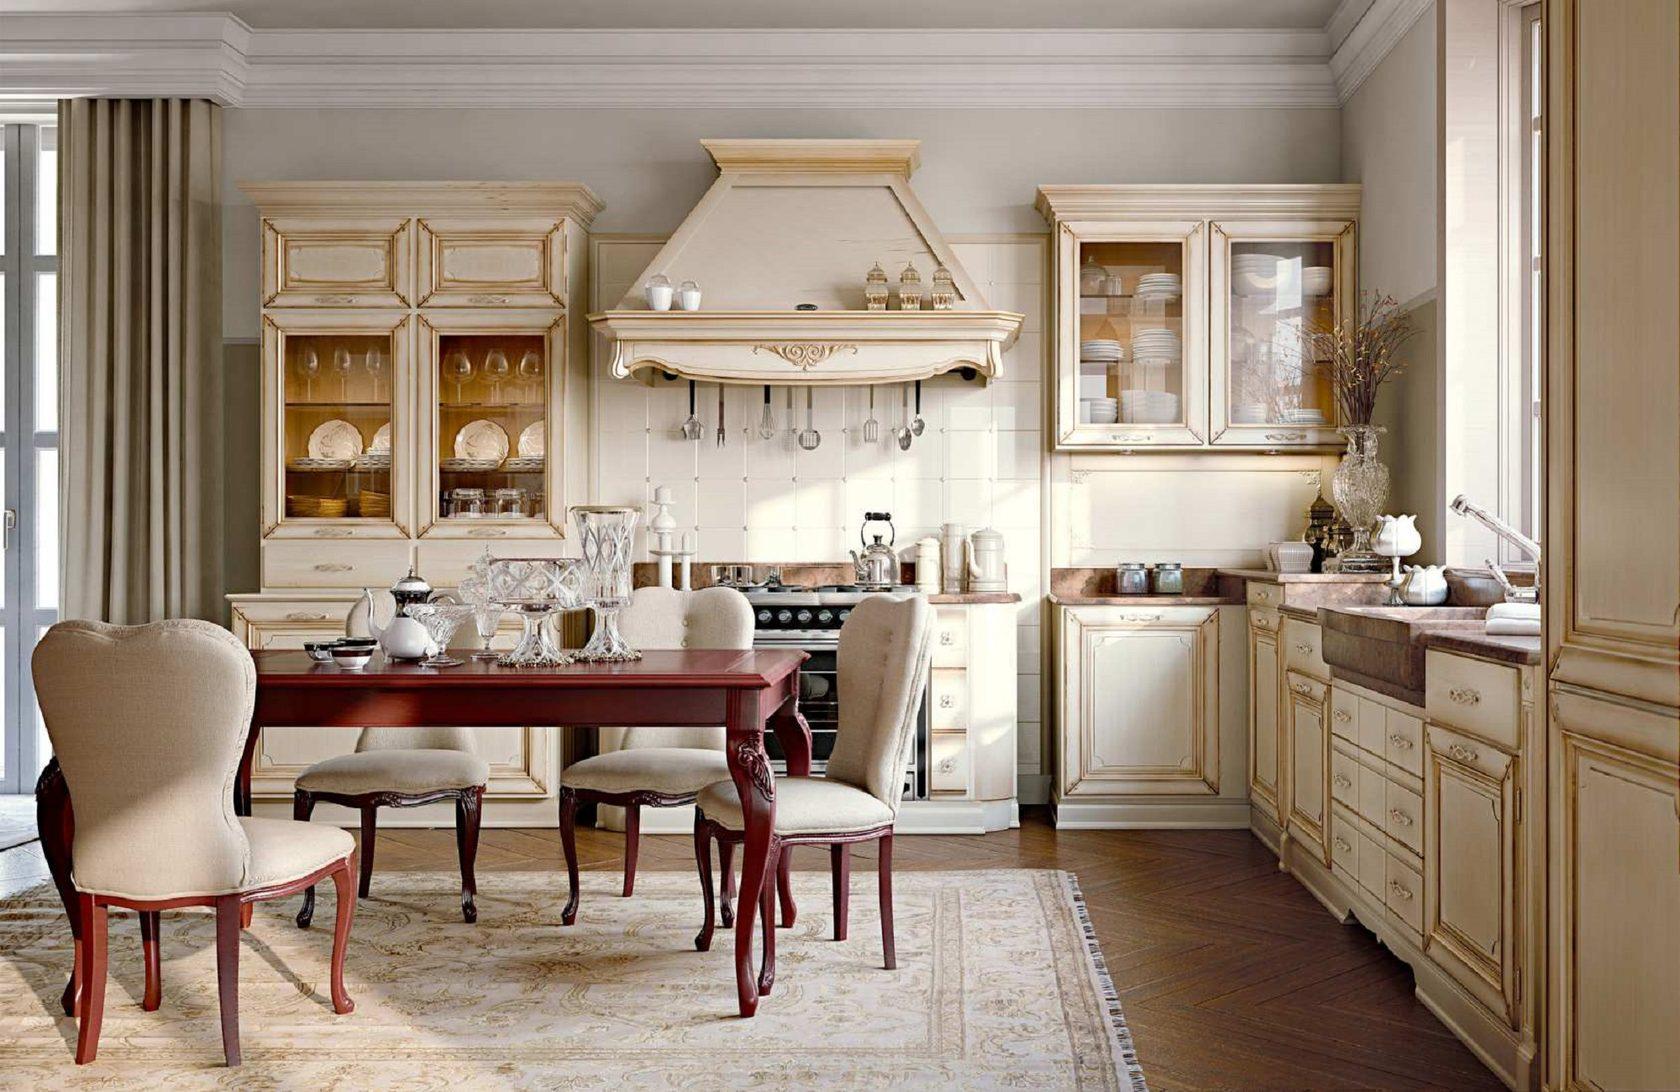 кухня оформленная в классическом стиле